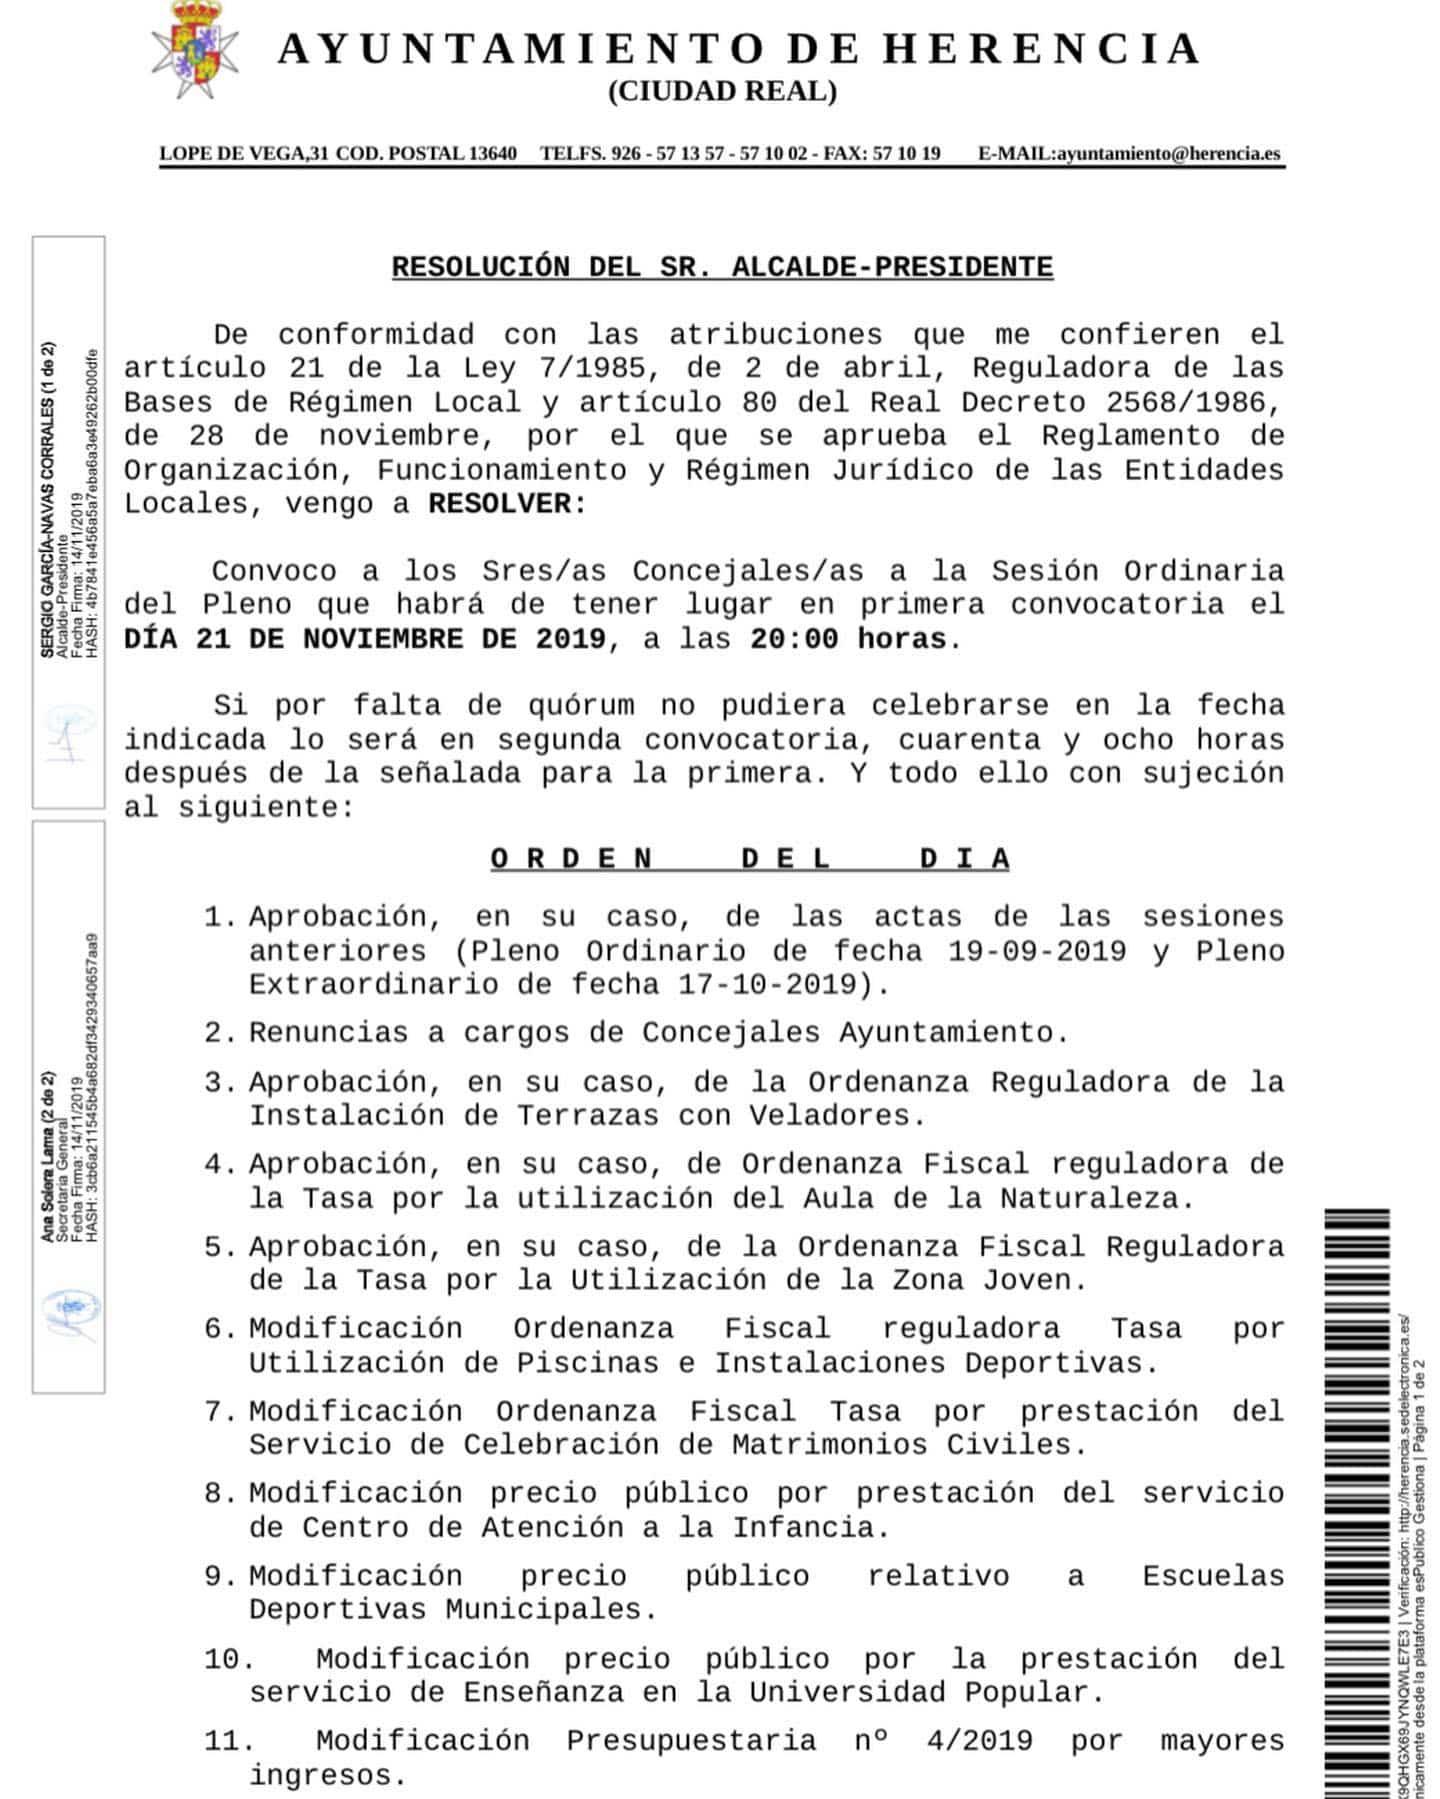 pleno herencia 21 noviembre 2019 a - Próximo pleno del Ayuntamiento de Herencia el 21 de noviembre